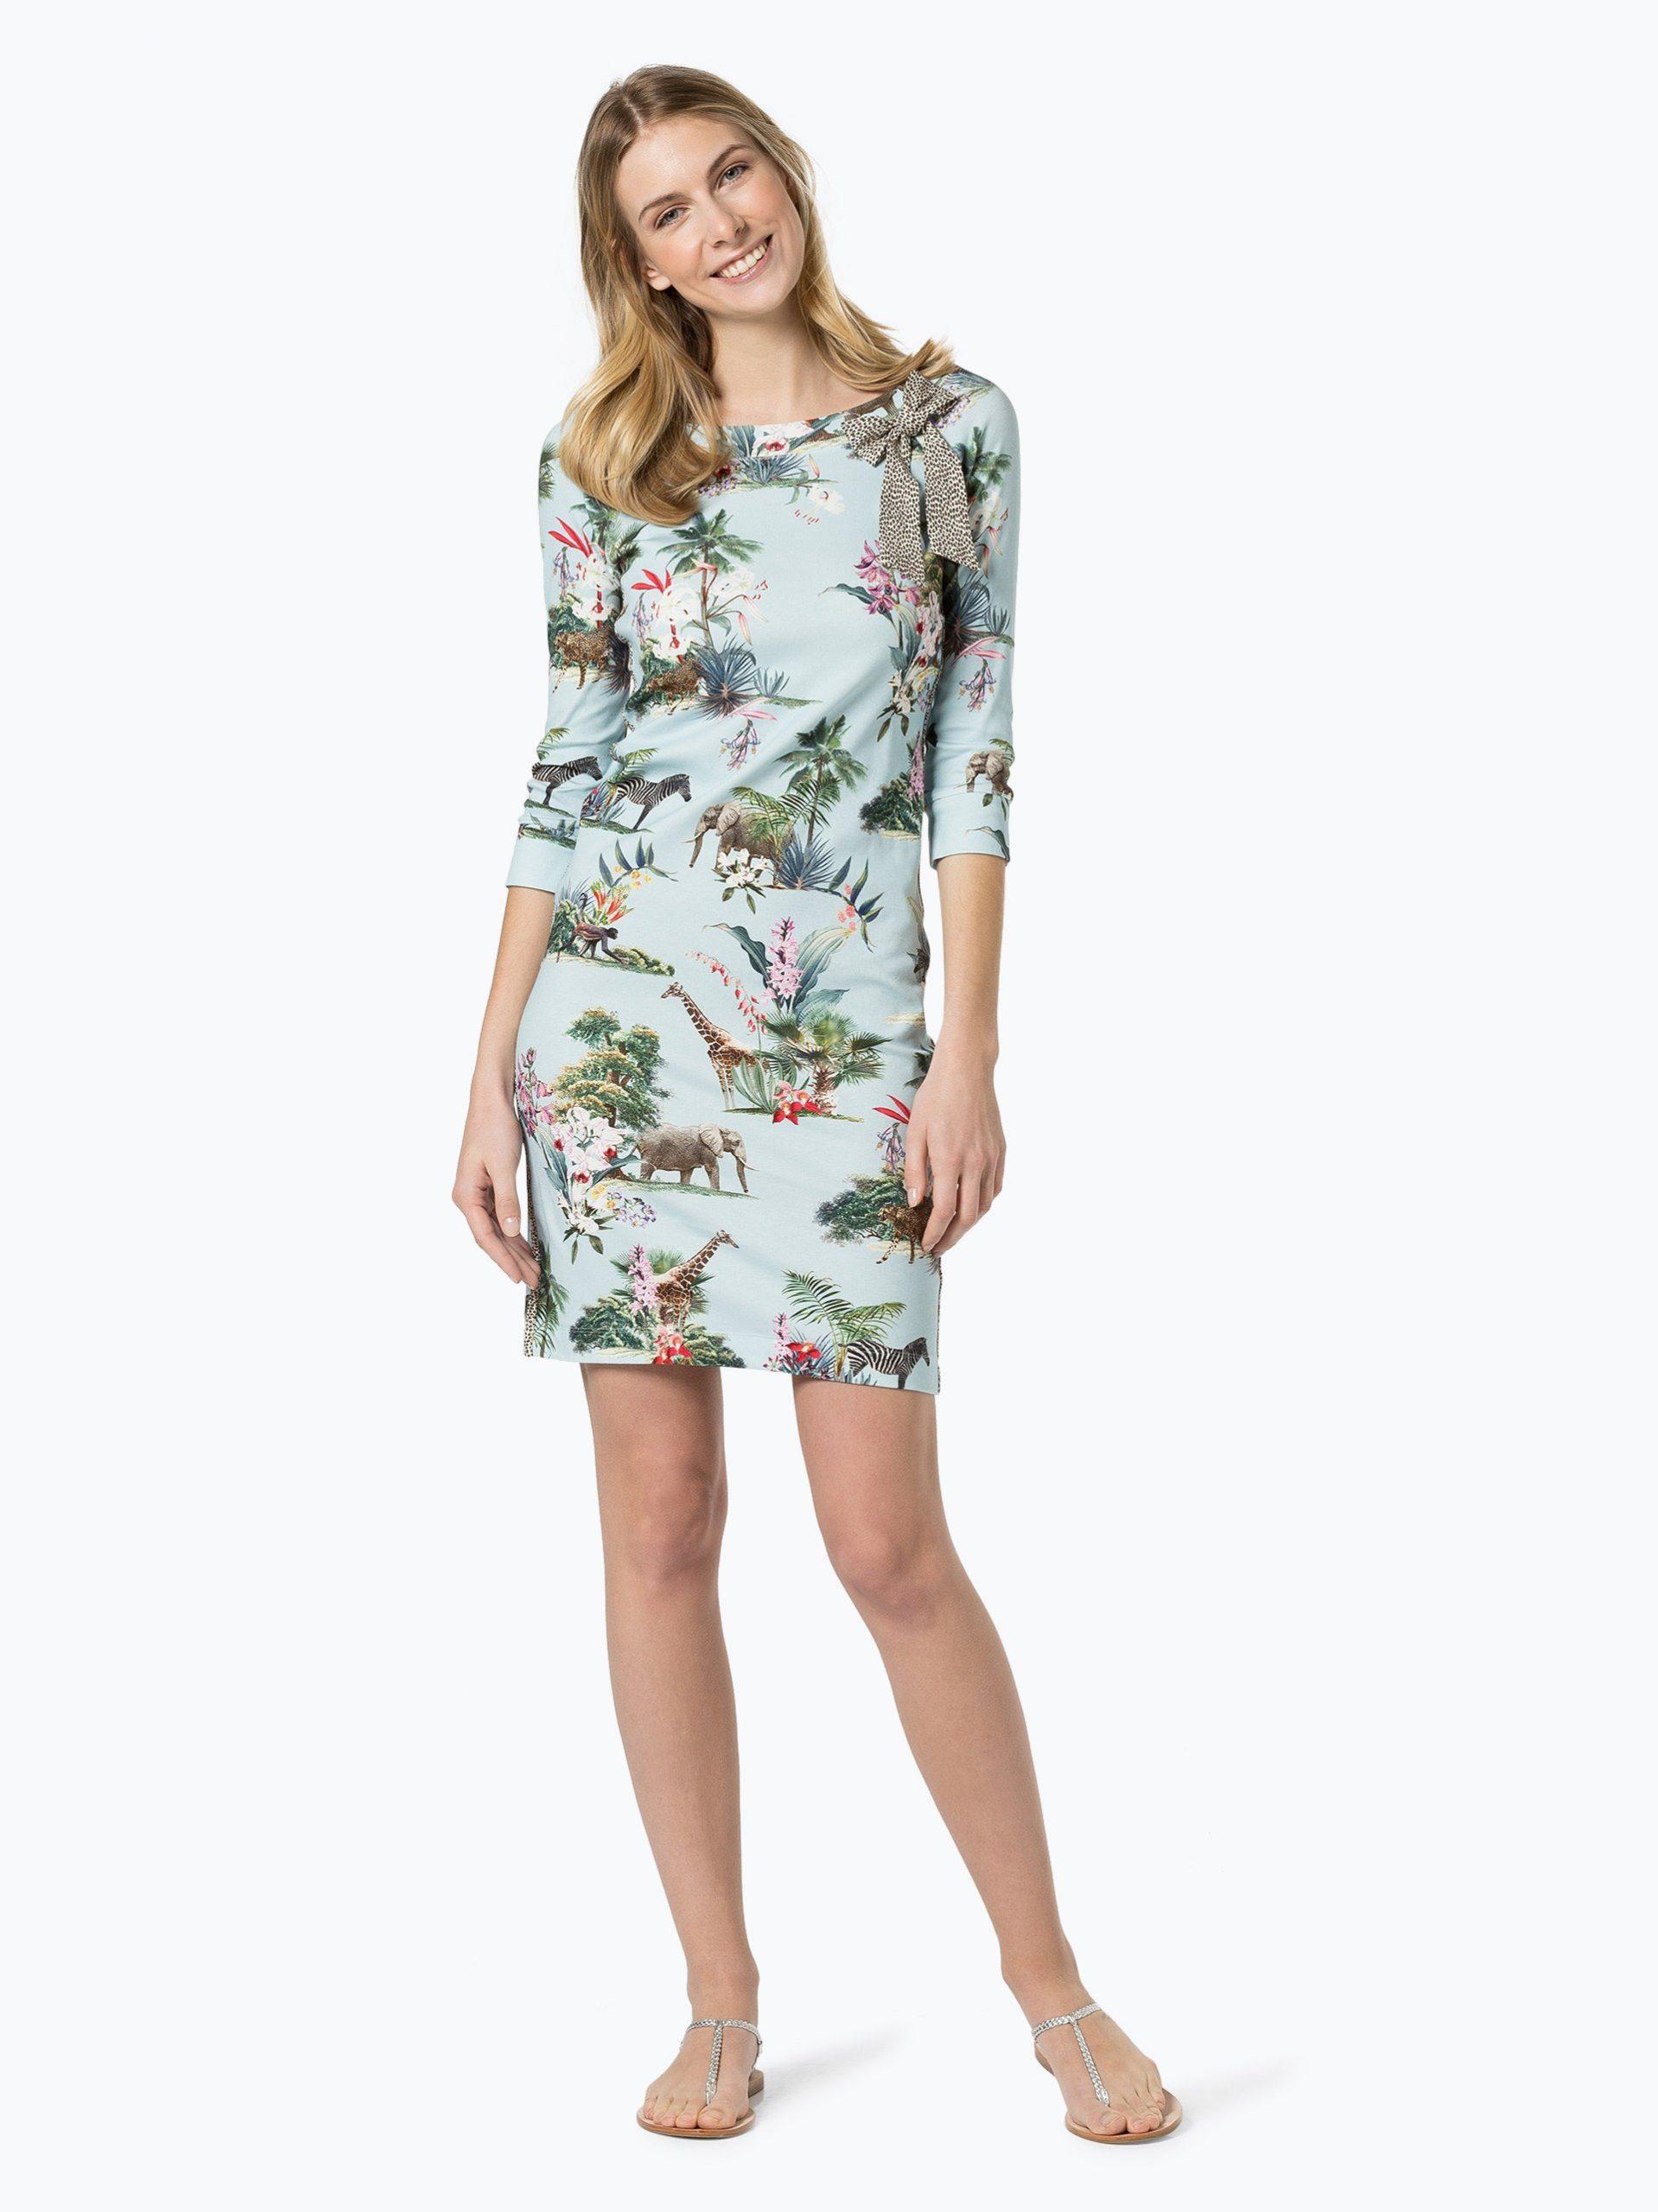 Marc Cain Collections Damen Kleid Online Kaufen  Peekund